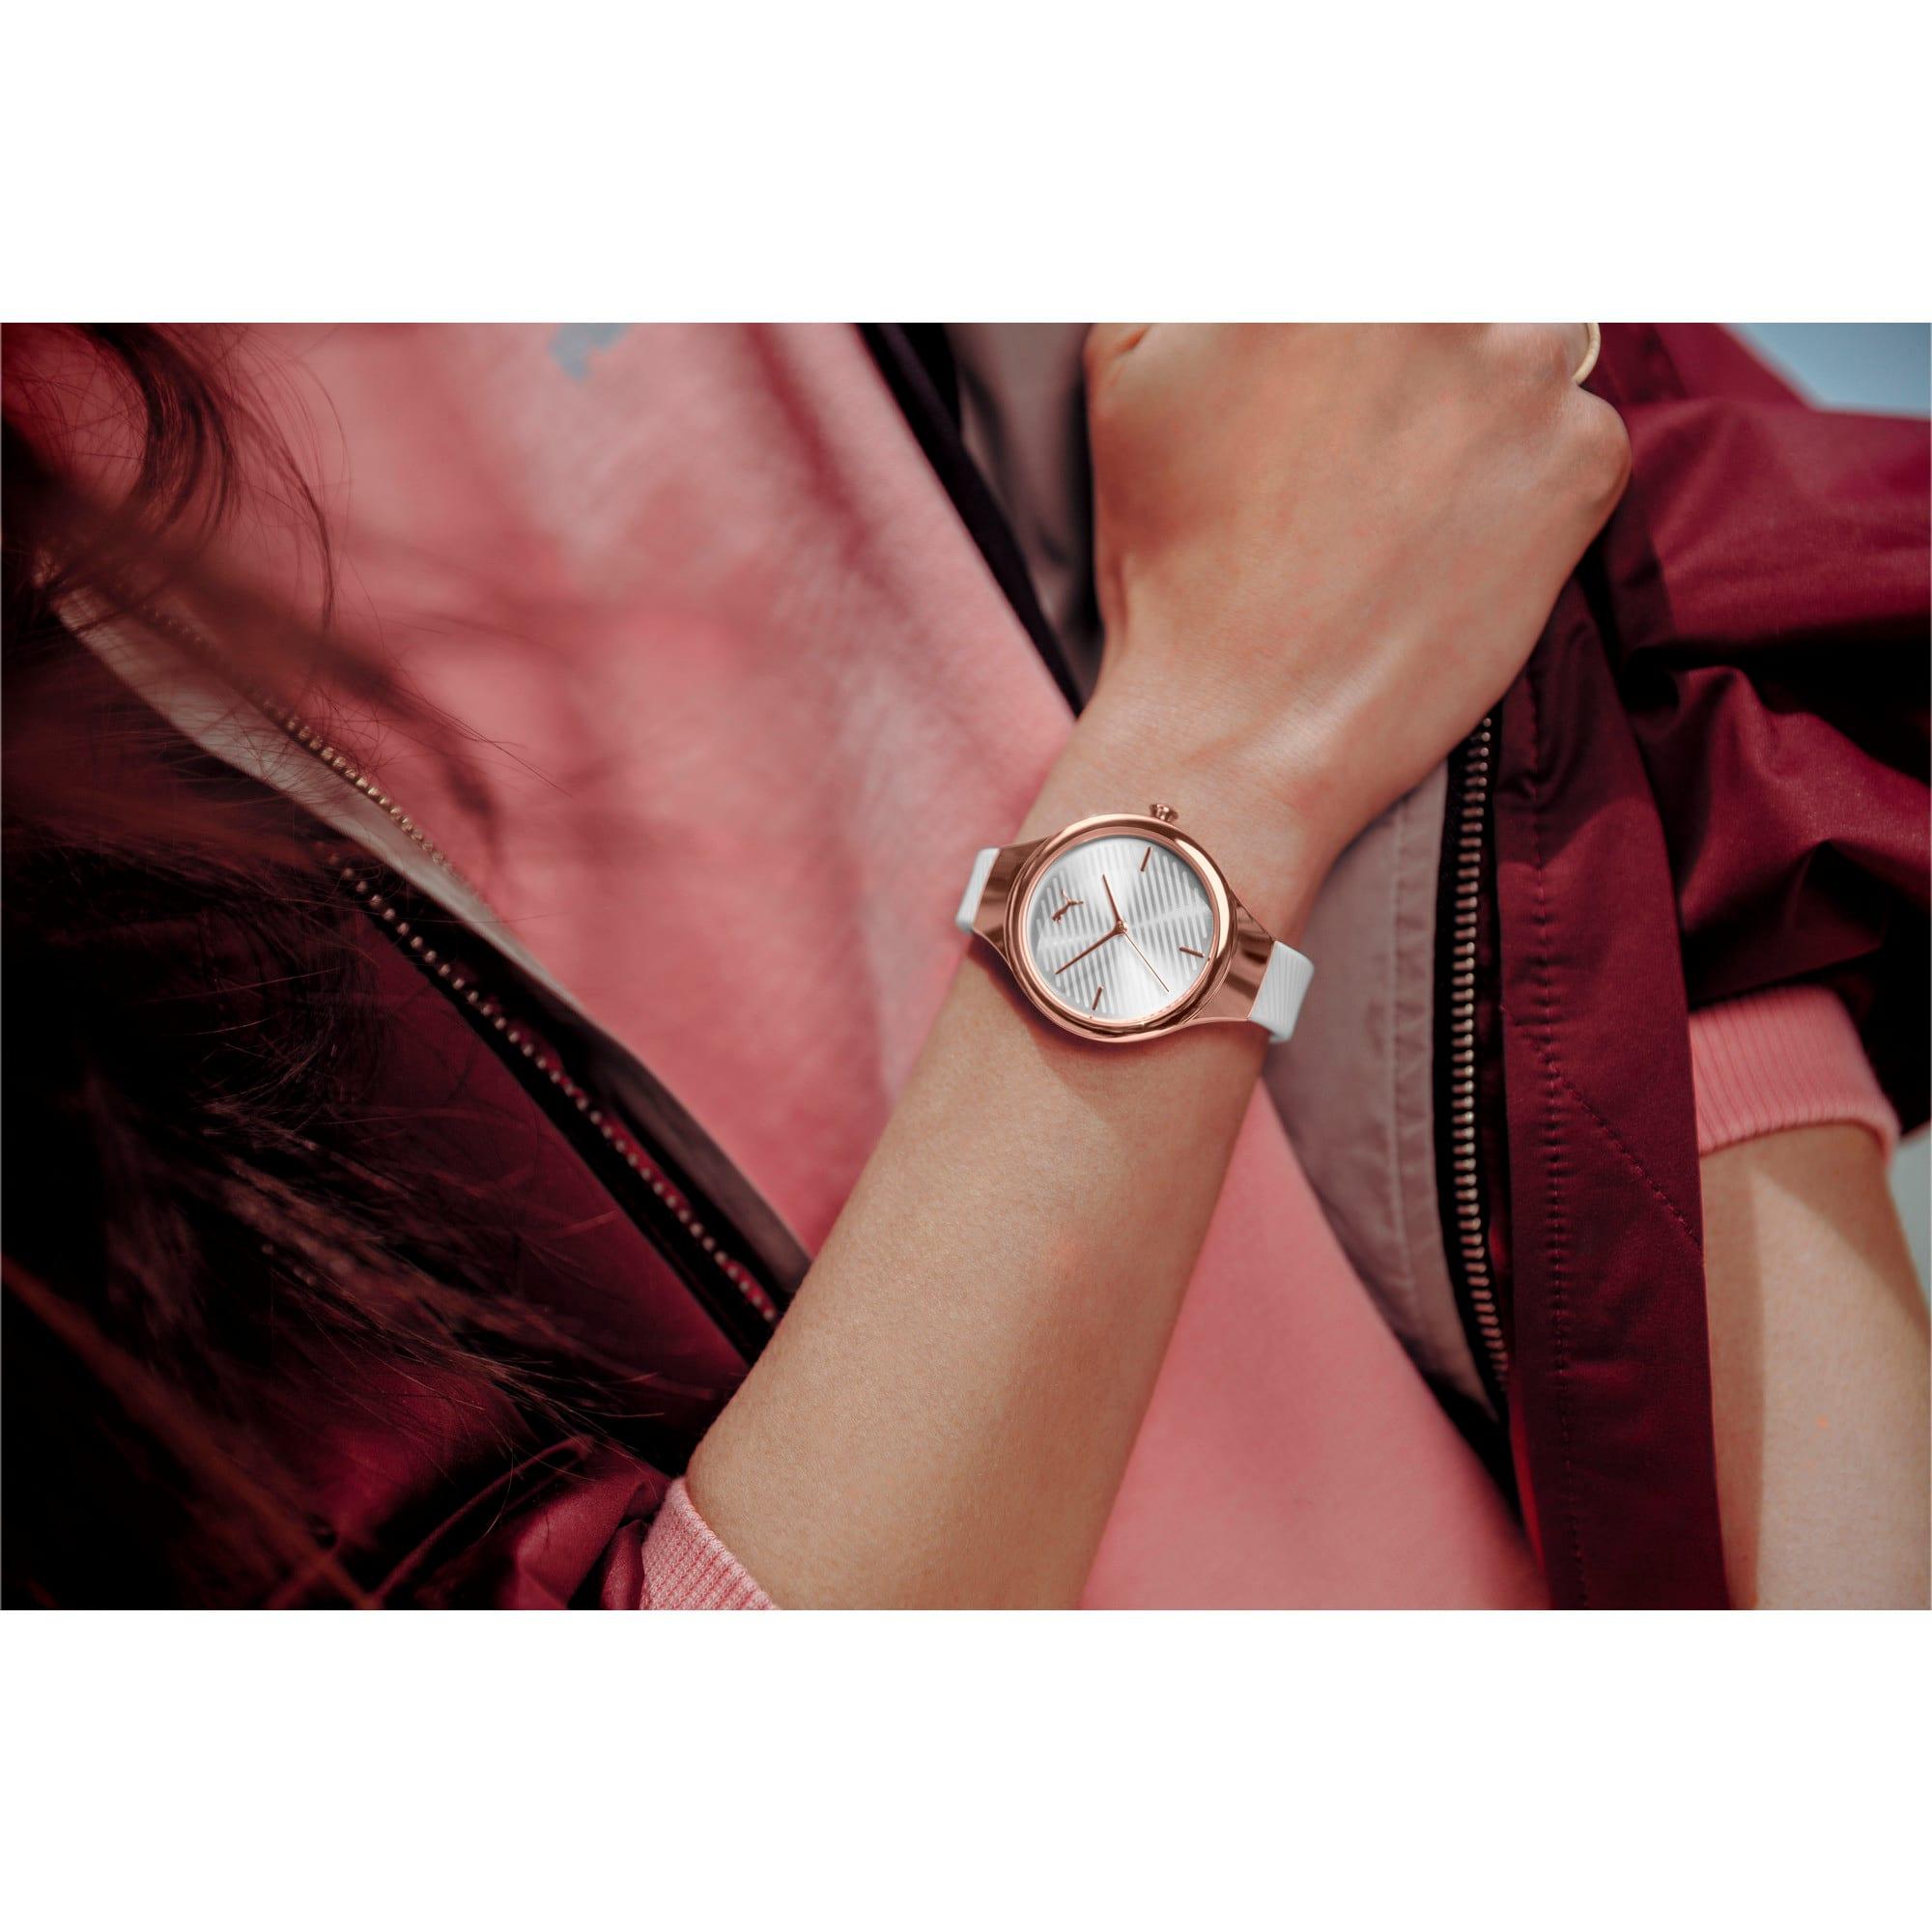 Thumbnail 5 of Contour Rose Gold Watch, Rose gold/White, medium